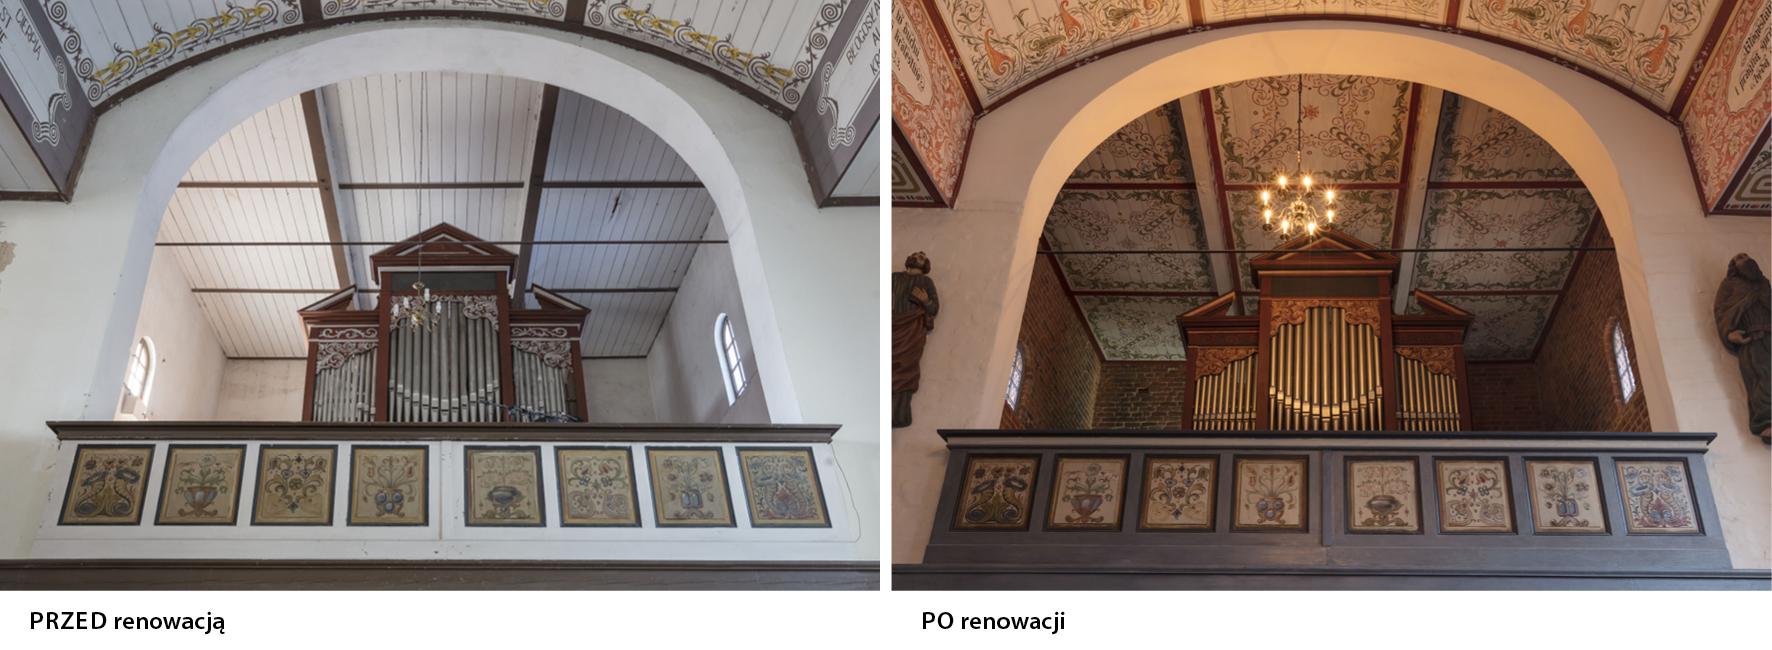 przed_po_renowacji_1916